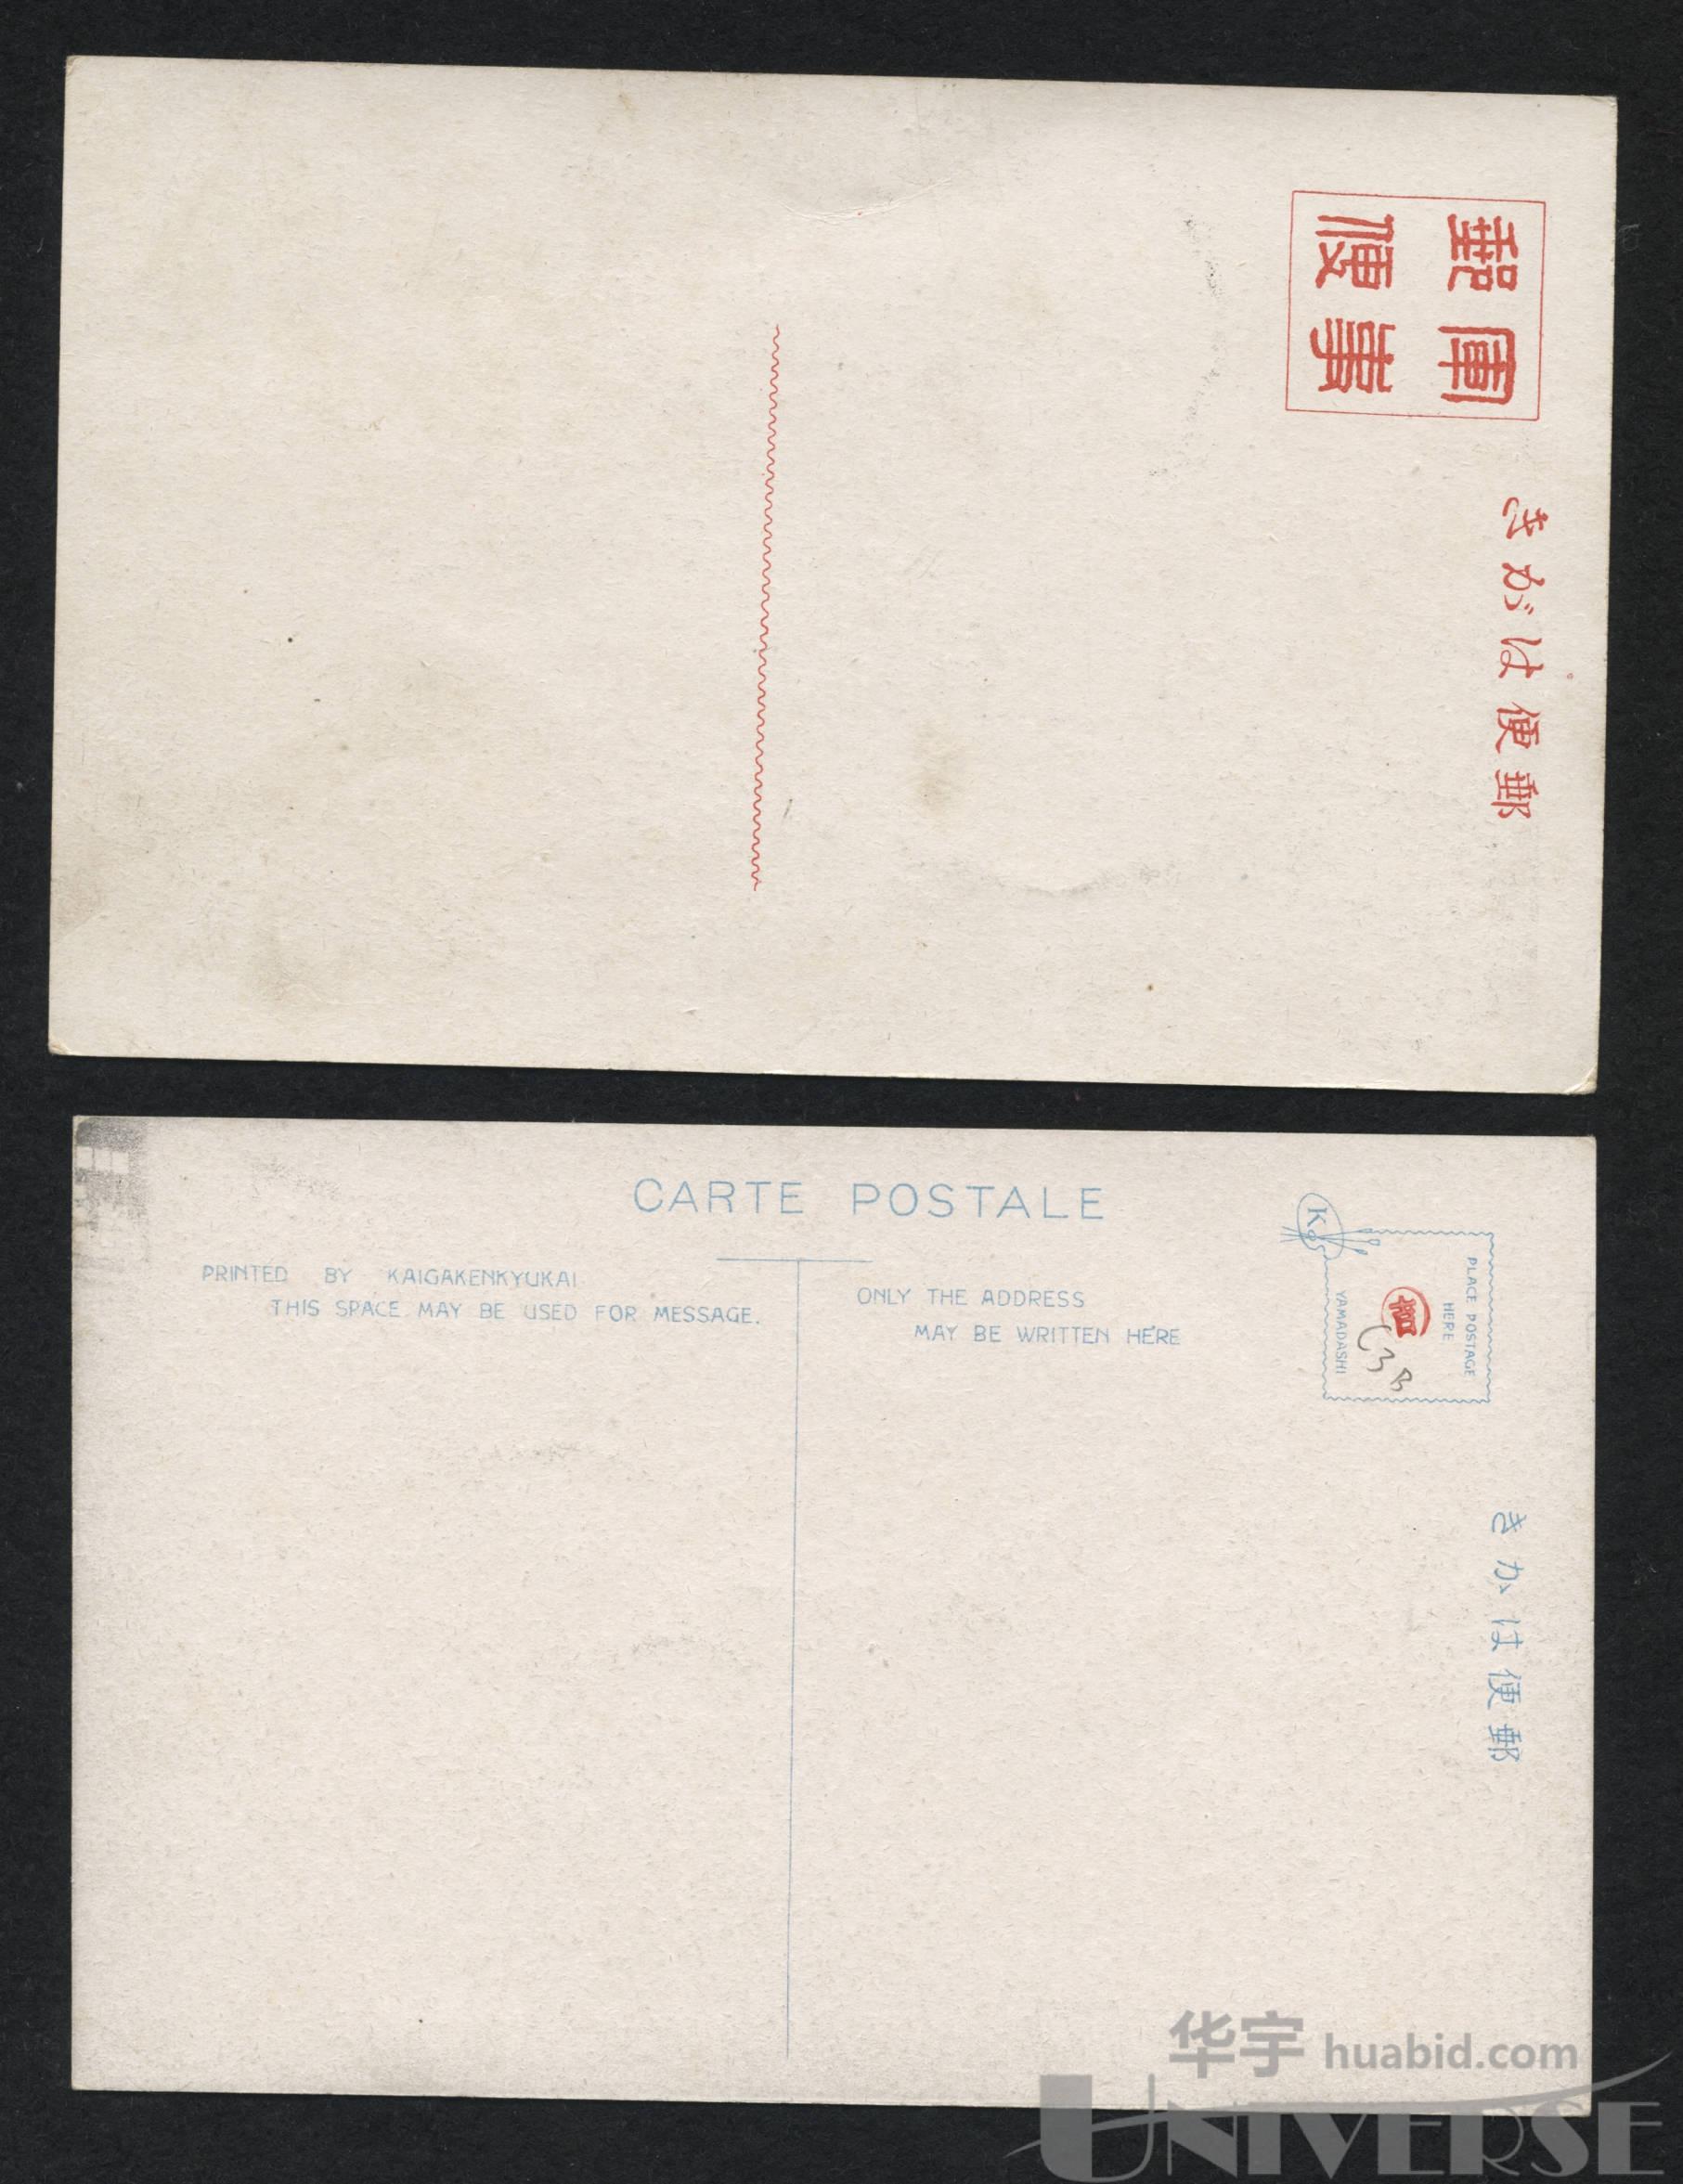 上海嘉涵邮中�_民大上海景观黑白明信片新一件 ,上海中支名所日本军事邮便黑白明信片